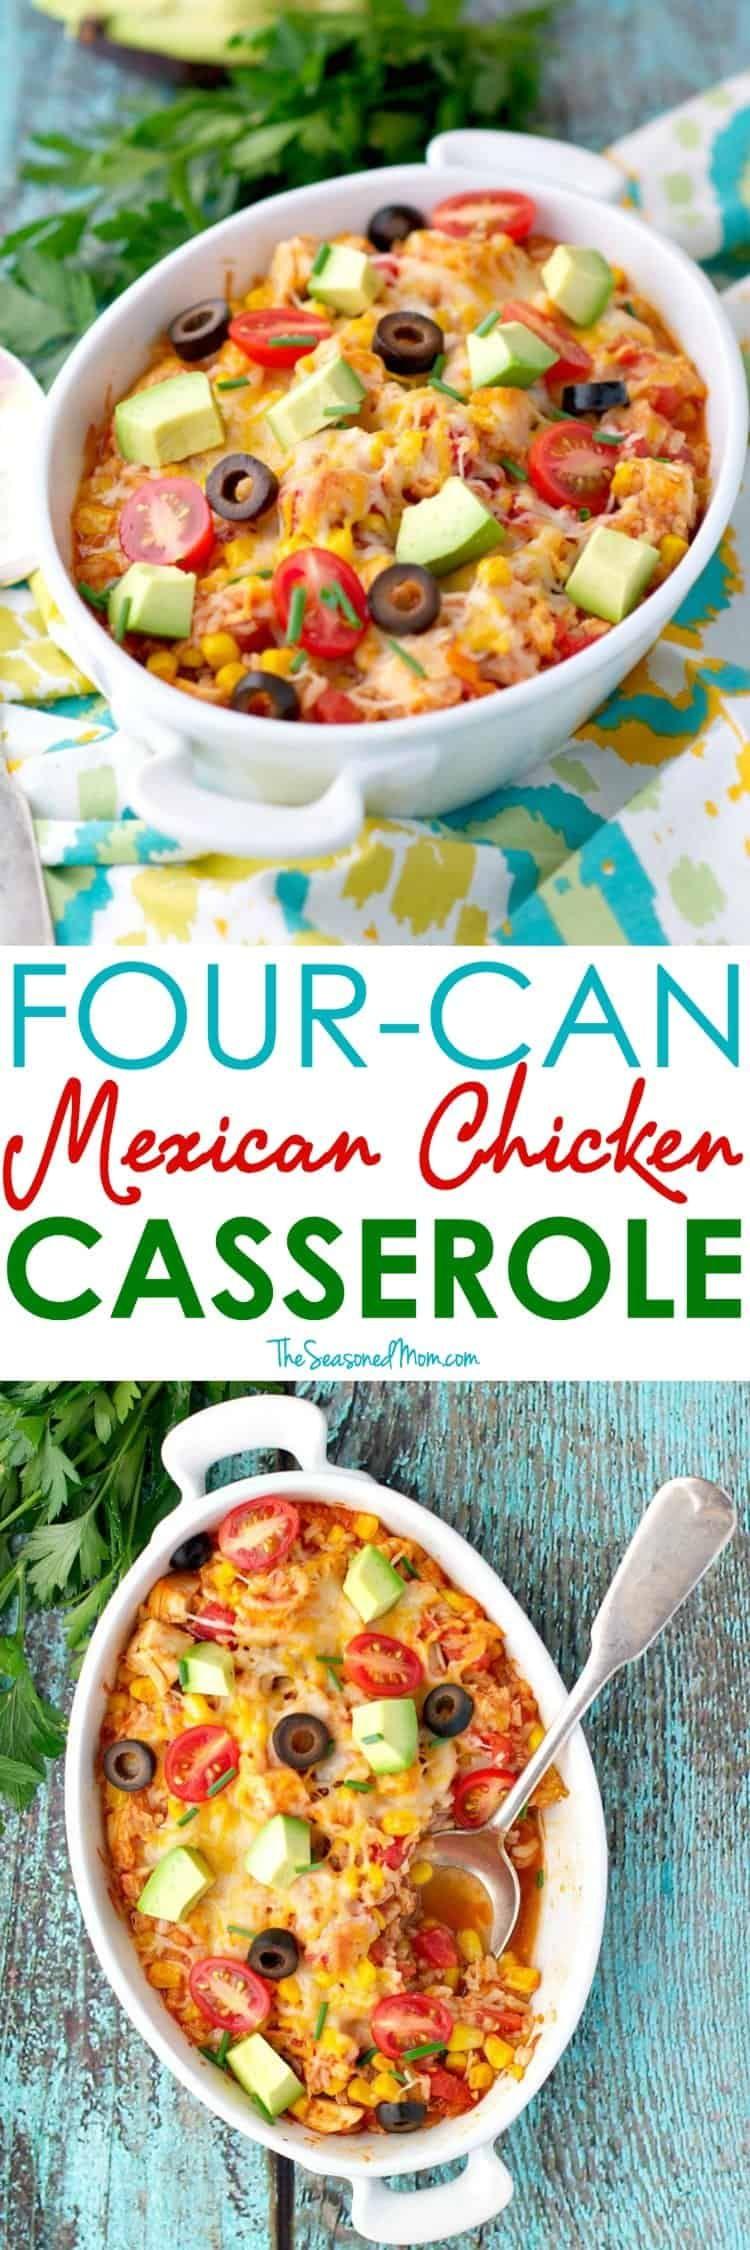 4 Can Mexican Chicken Casserole Recipe recipe